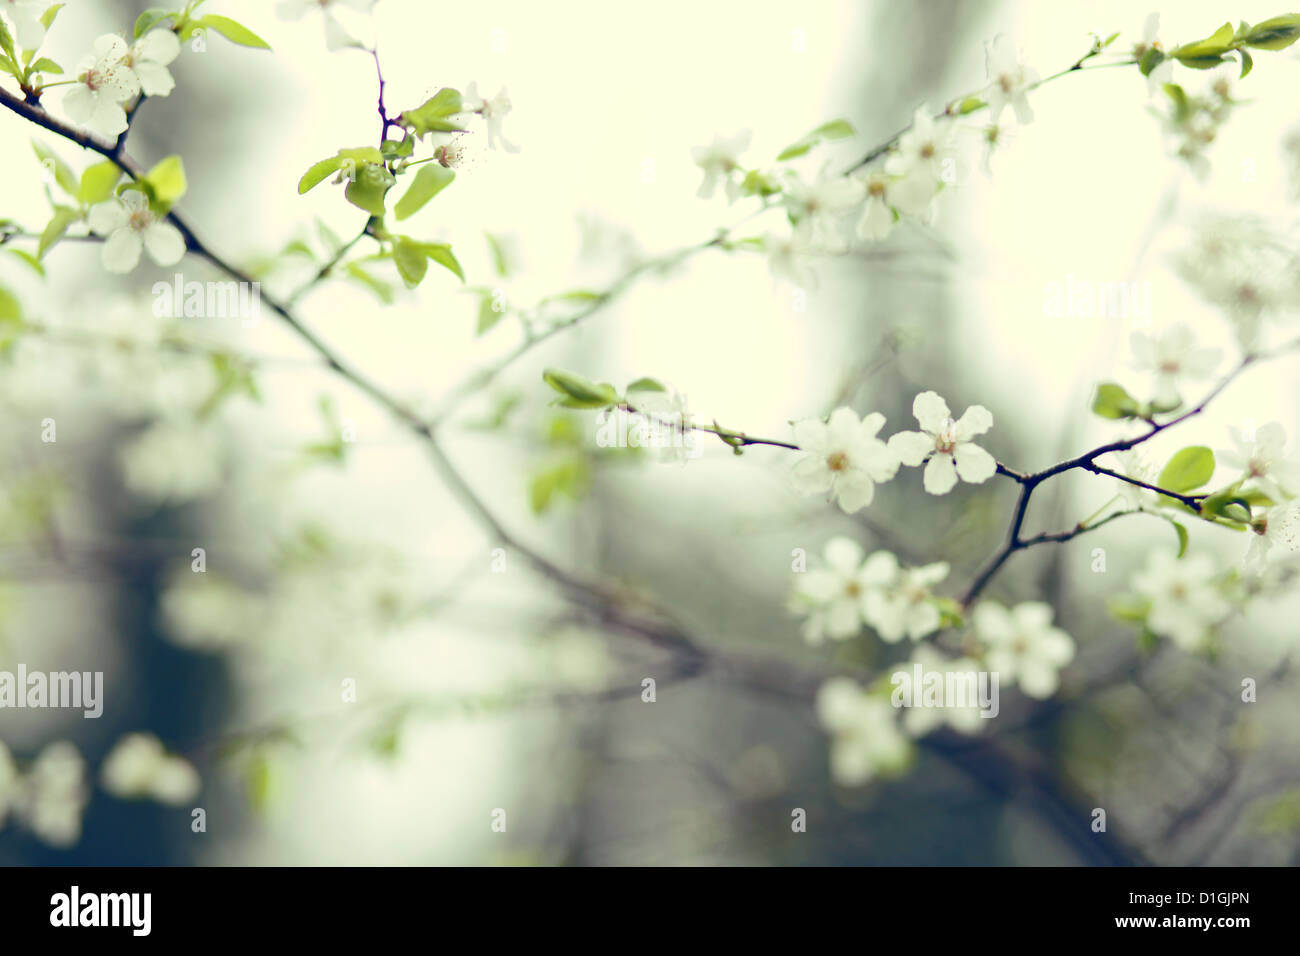 Una chiusura della fioritura dei ciliegi in fiore in primavera Immagini Stock